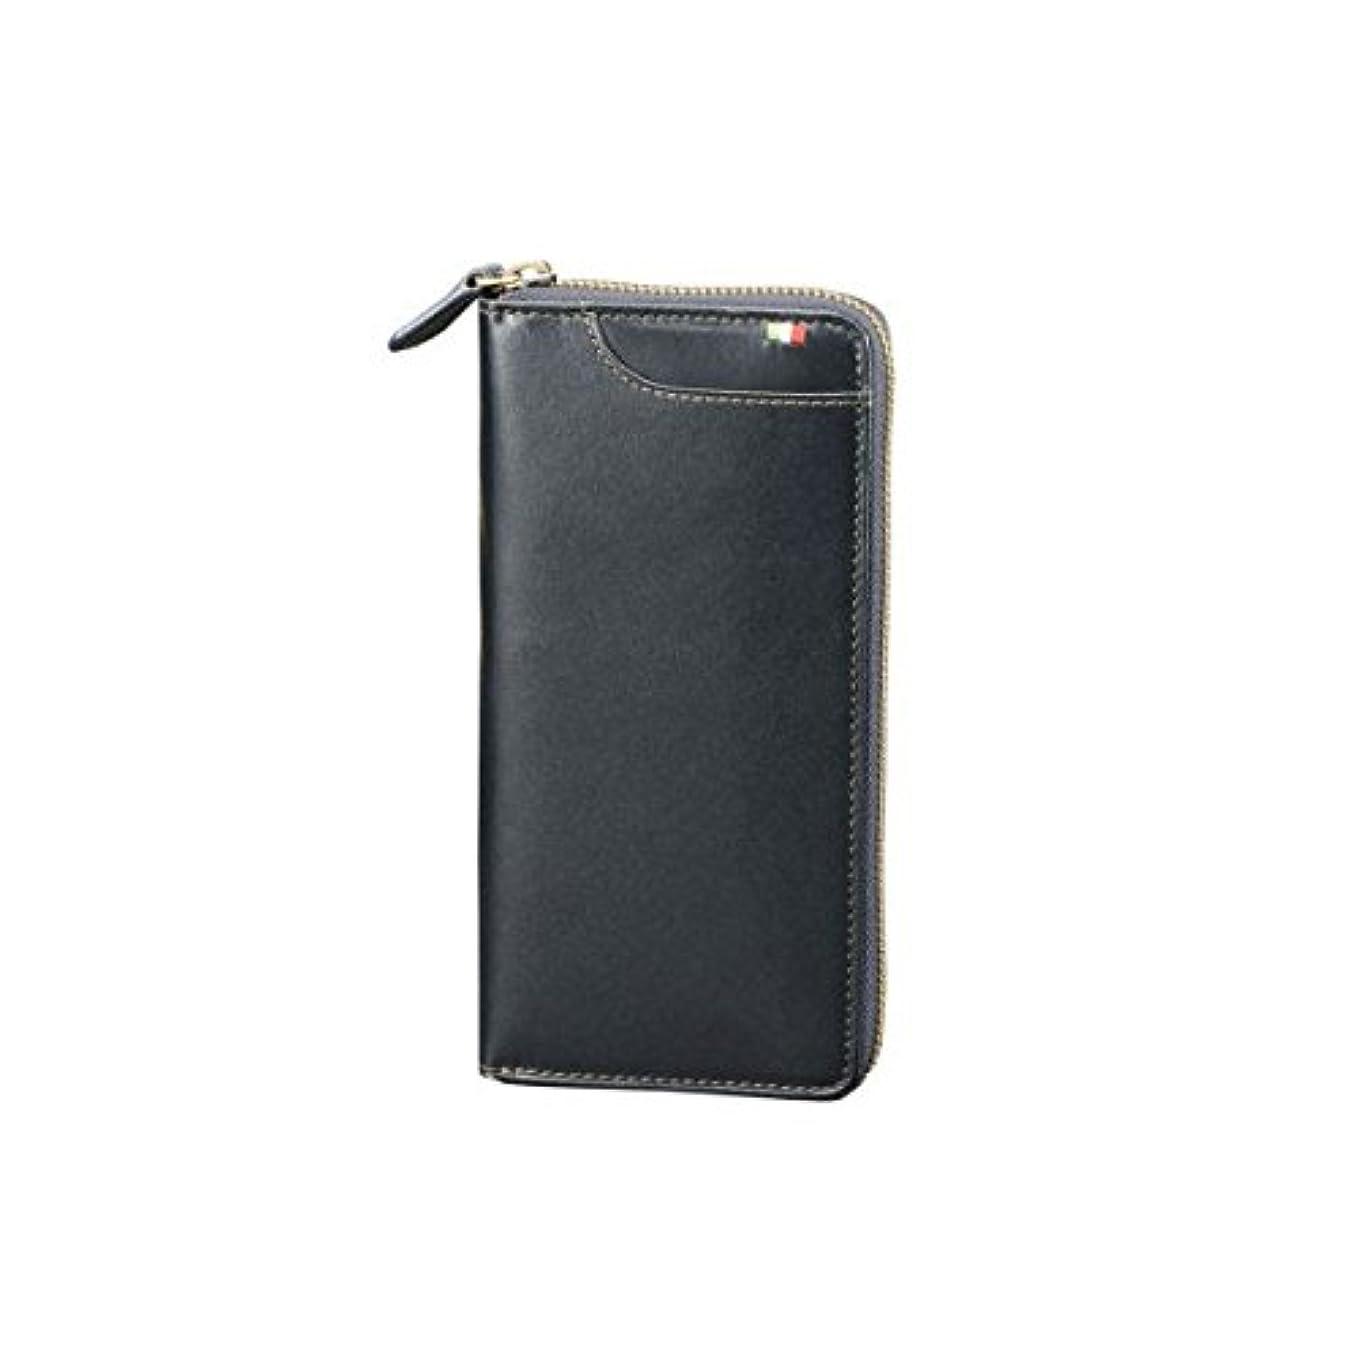 杖クラウンレンチMilagro ミラグロ タンポナートレザー ラウンドファスナー 長財布 ロングウォレット イタリア製ヌメ革 ネイビー CA-S-539-NV